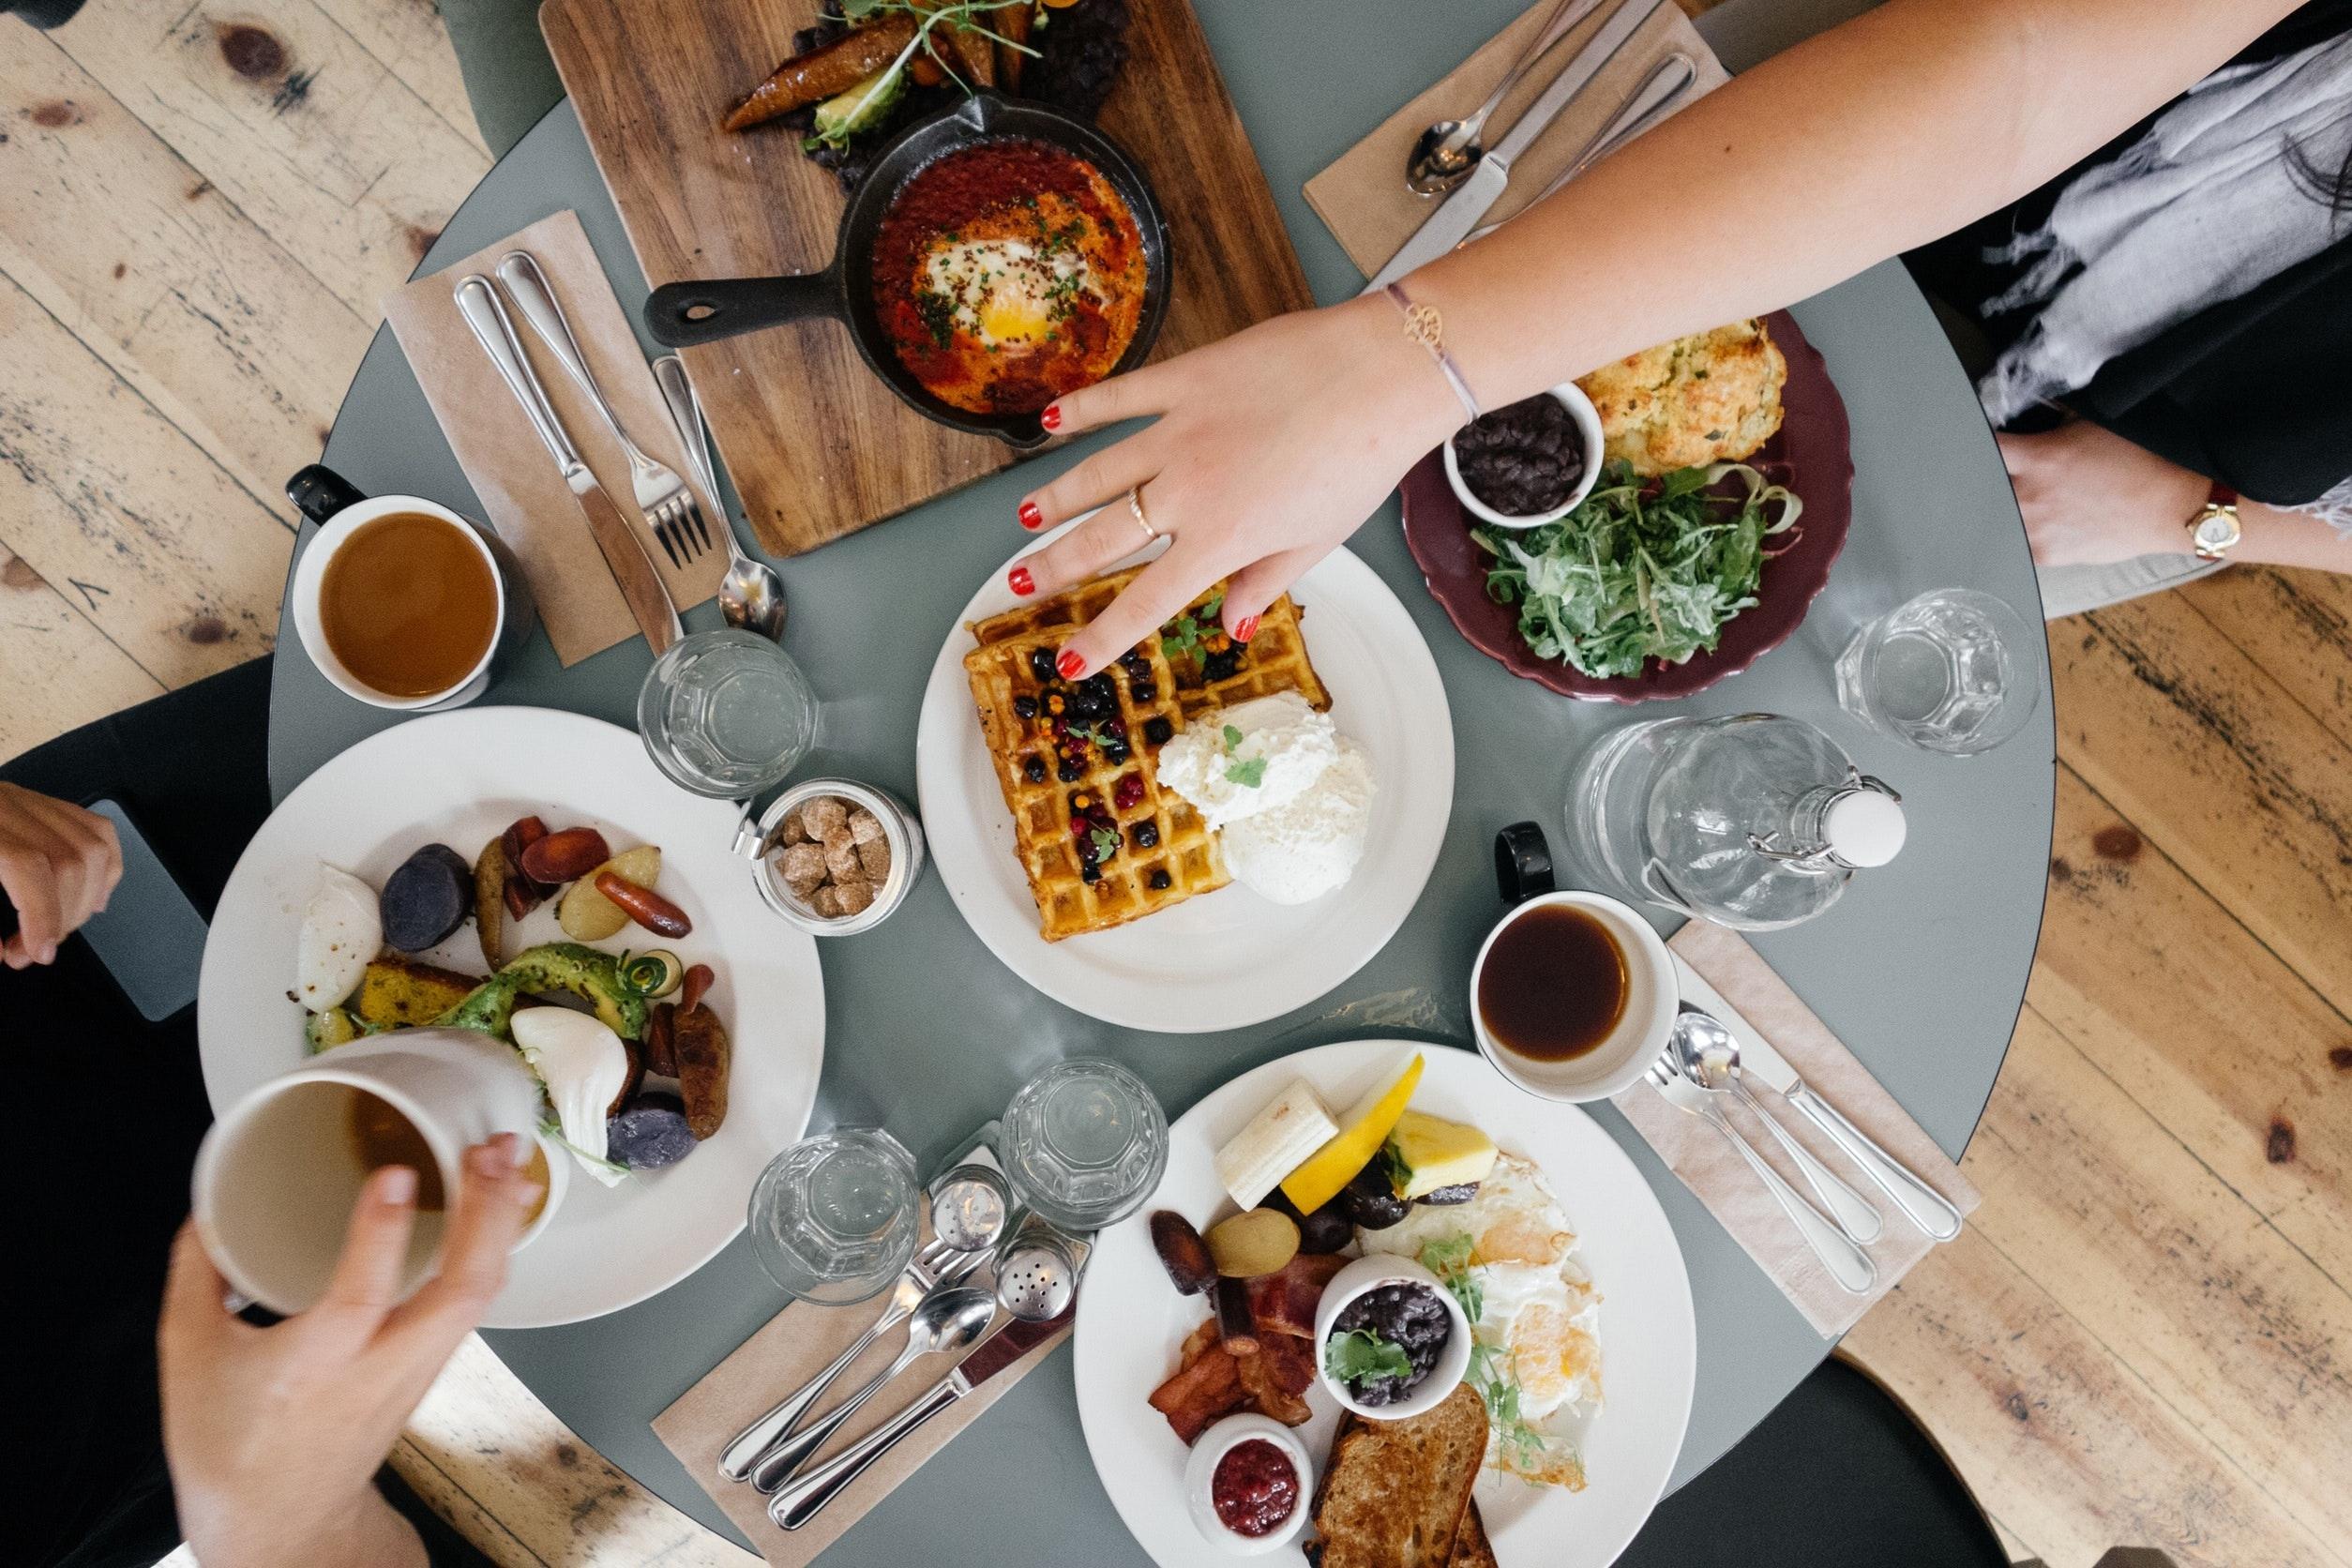 逾400食肆響應政府 提供少鹽少糖菜式(附47餐廳品牌列表一覽)